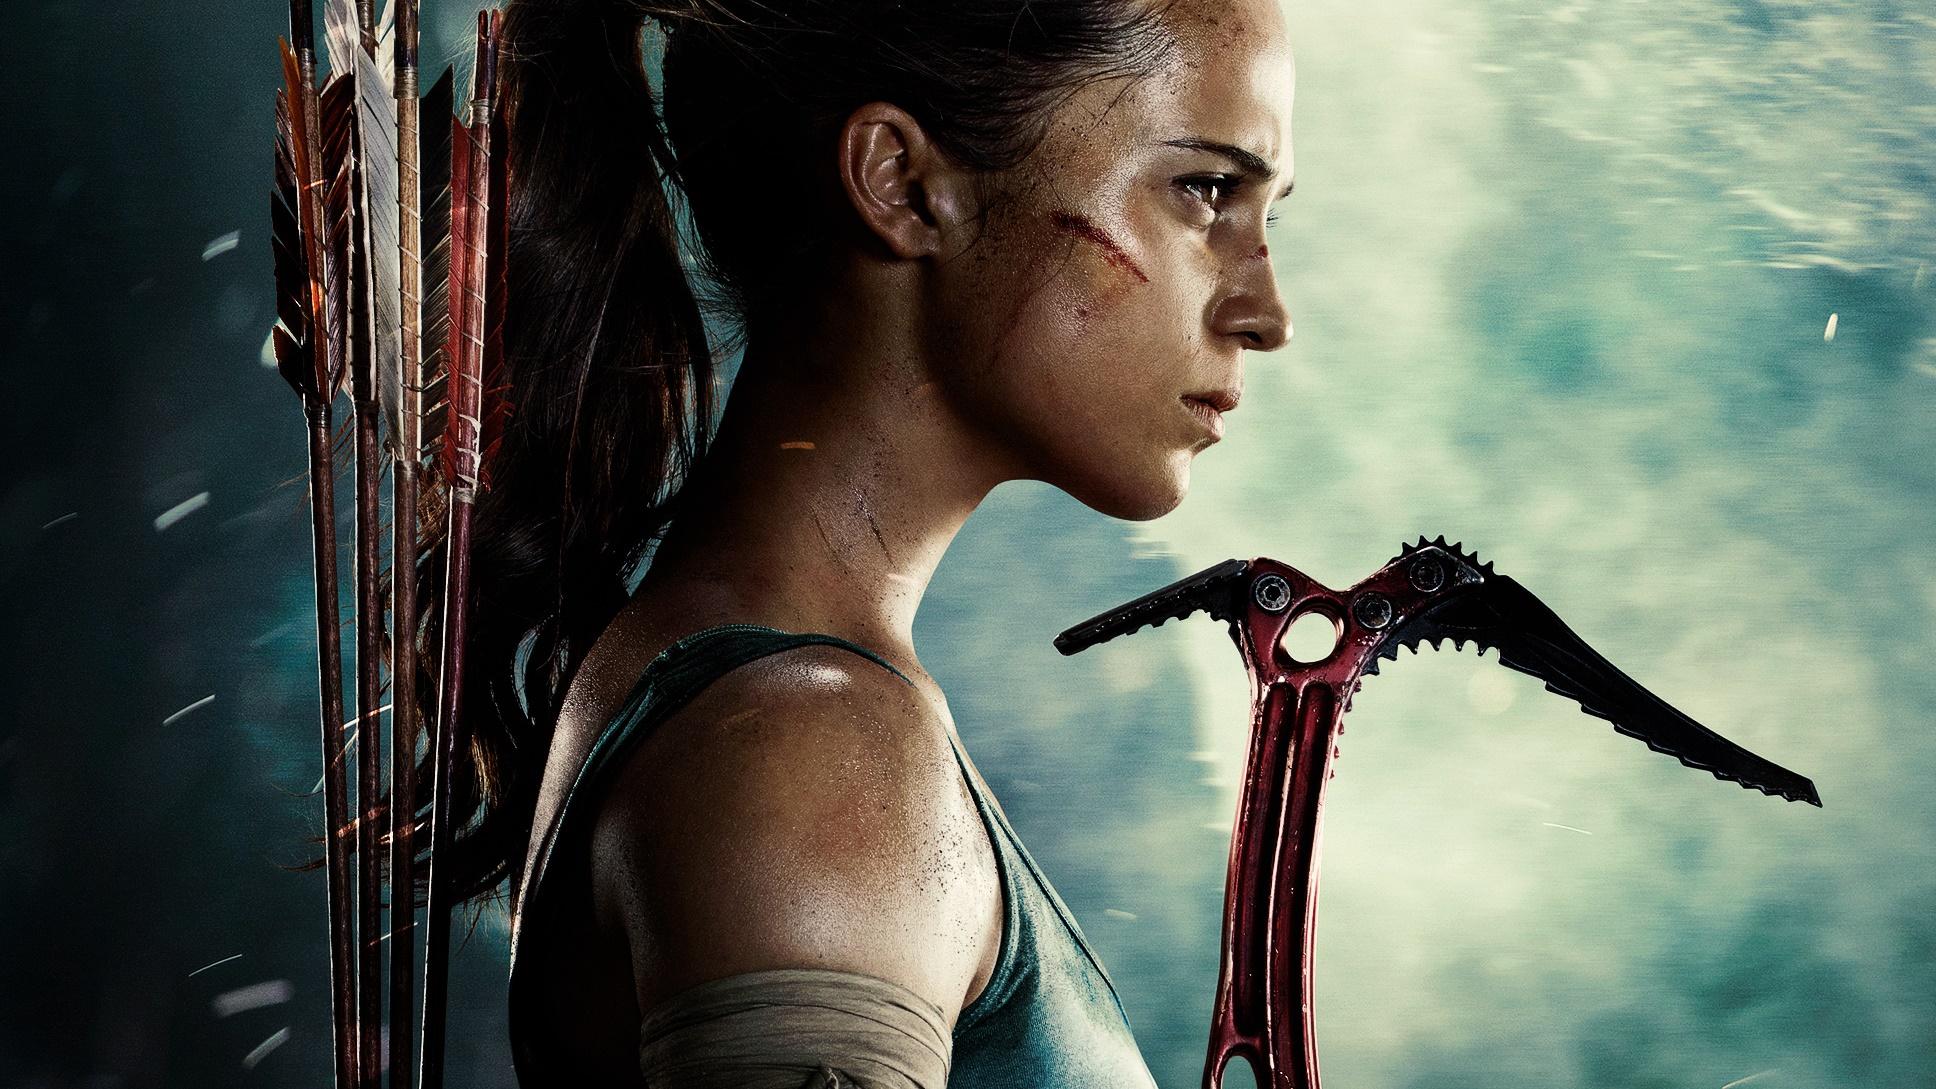 Nuova locandina per il film Tomb Raider!